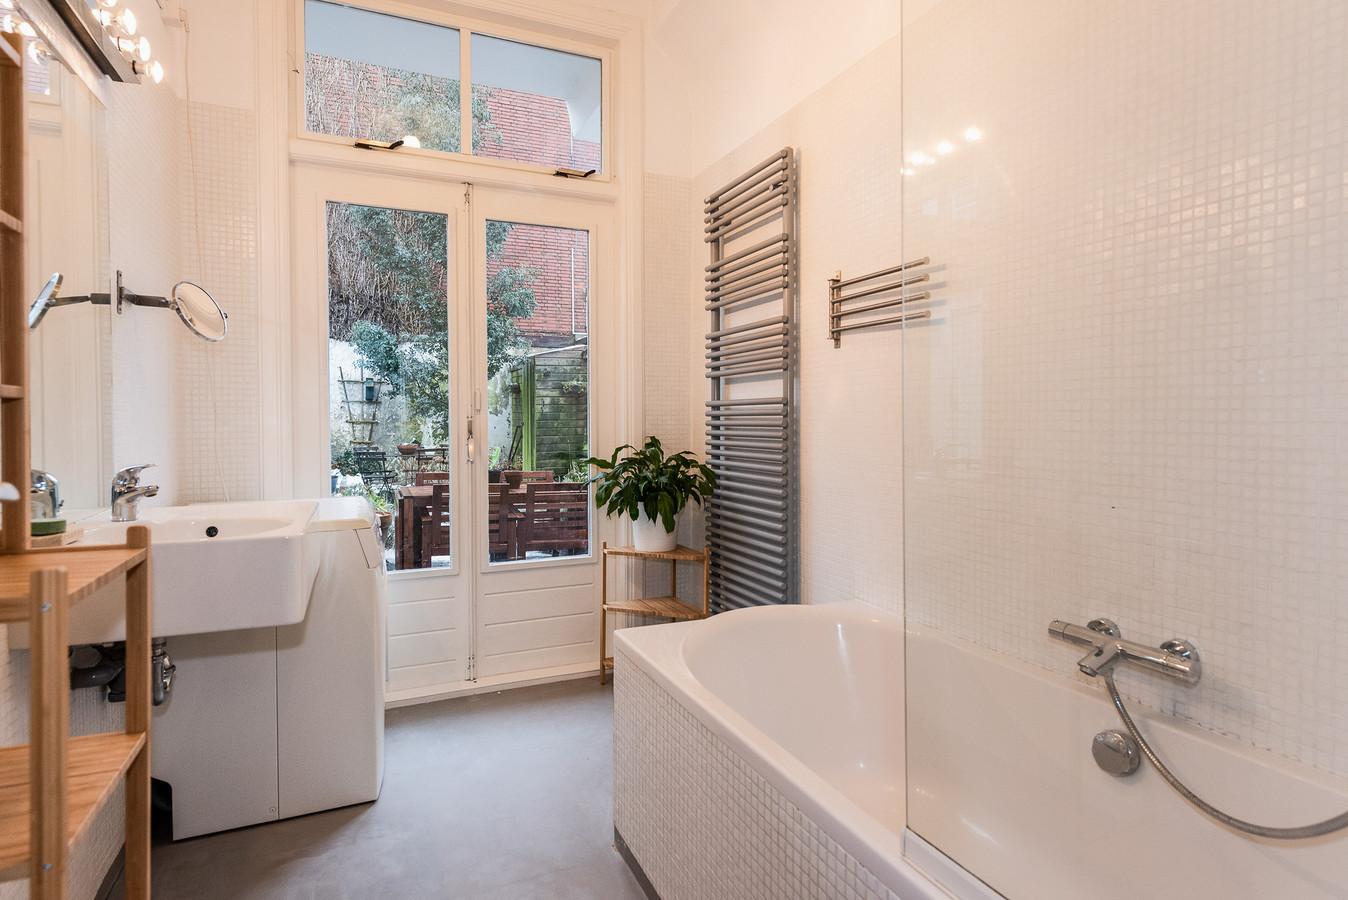 De badkamer met openslaande deuren naar de tuin.